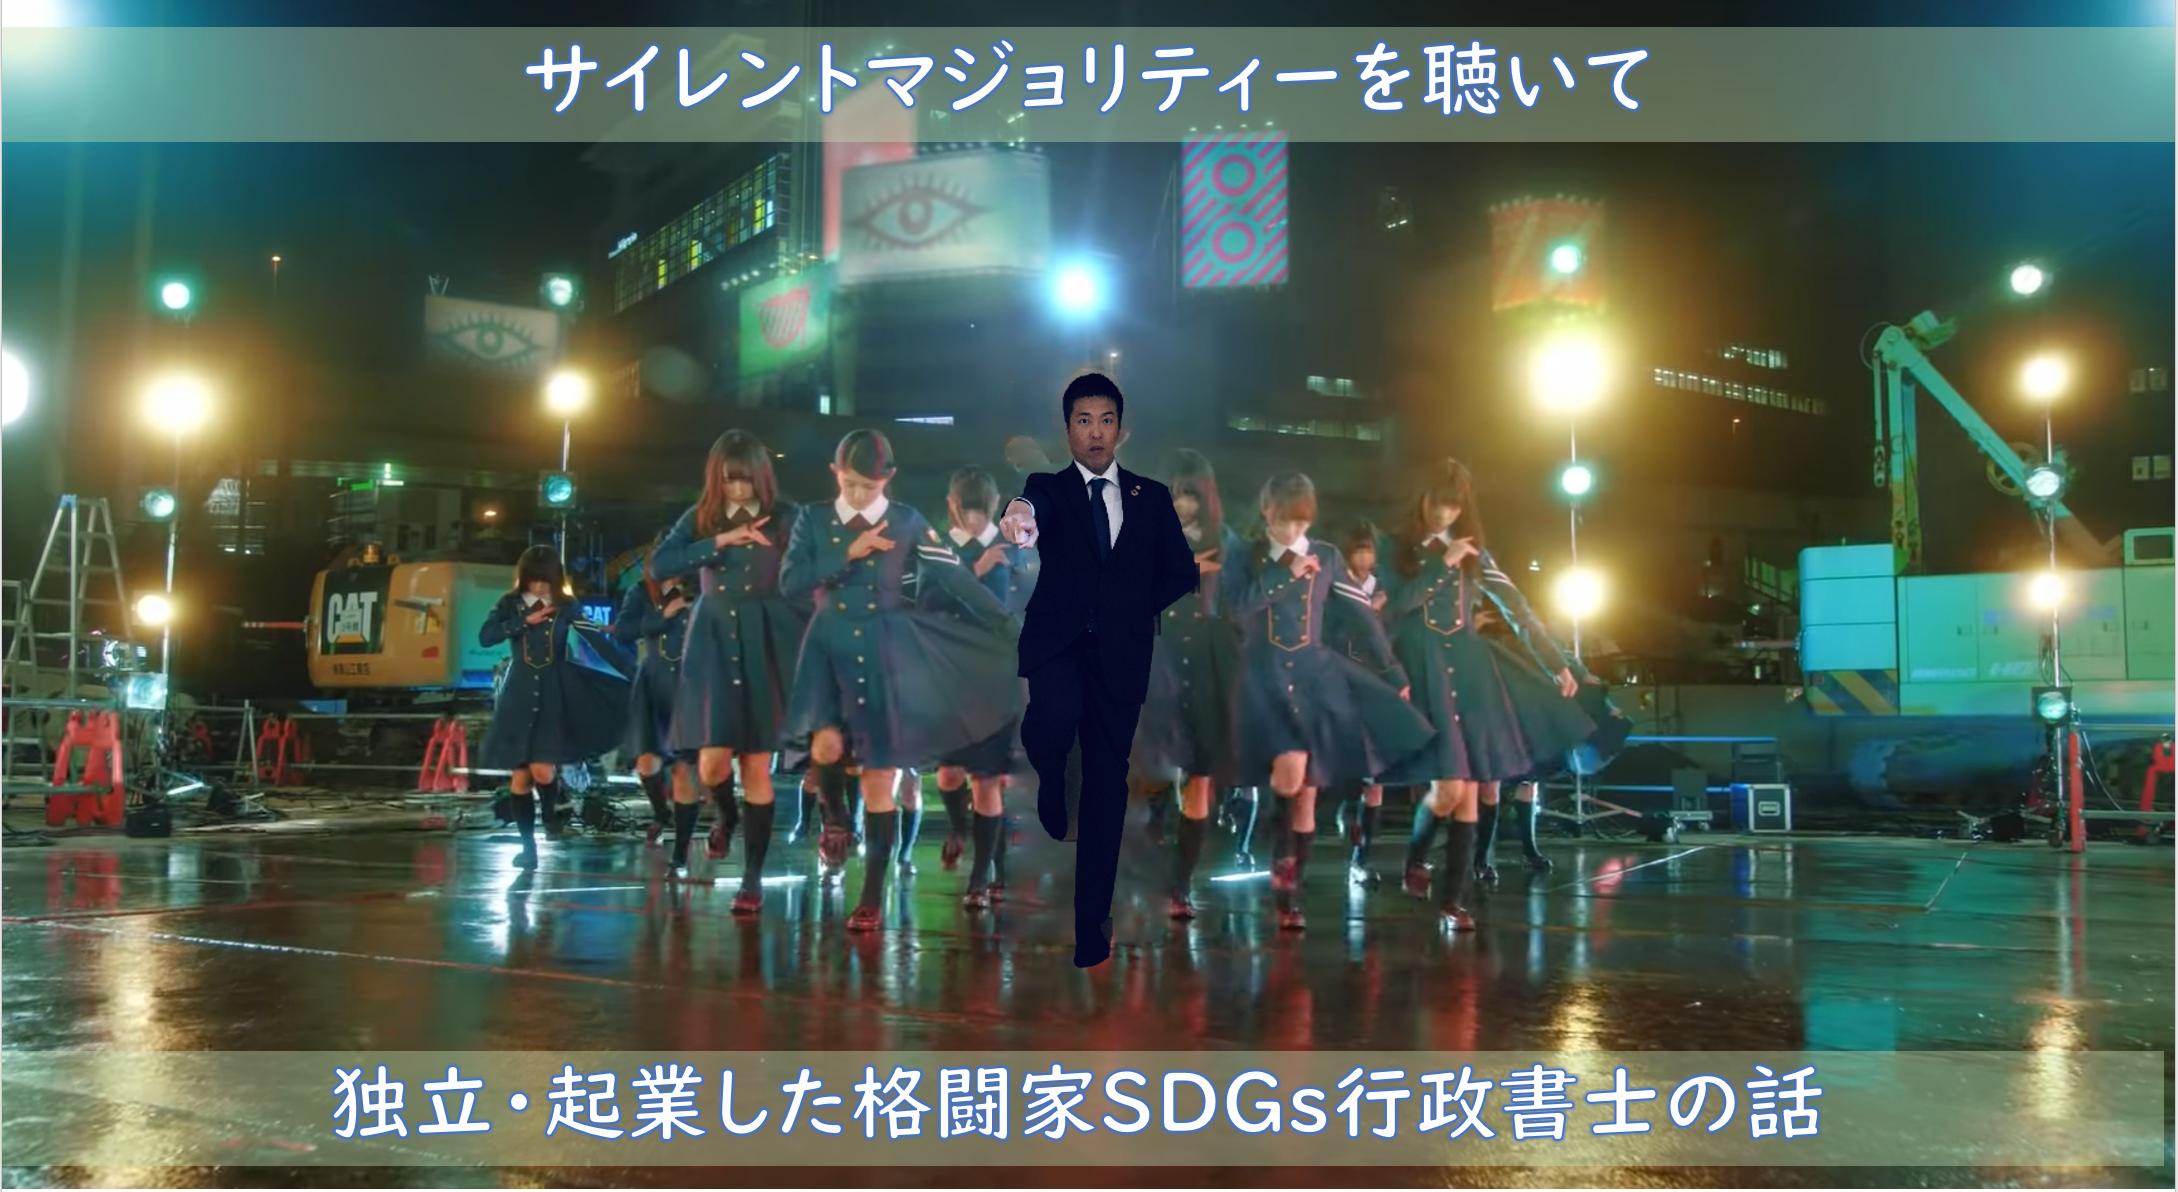 欅坂サイレントマジョリティーのパロディです